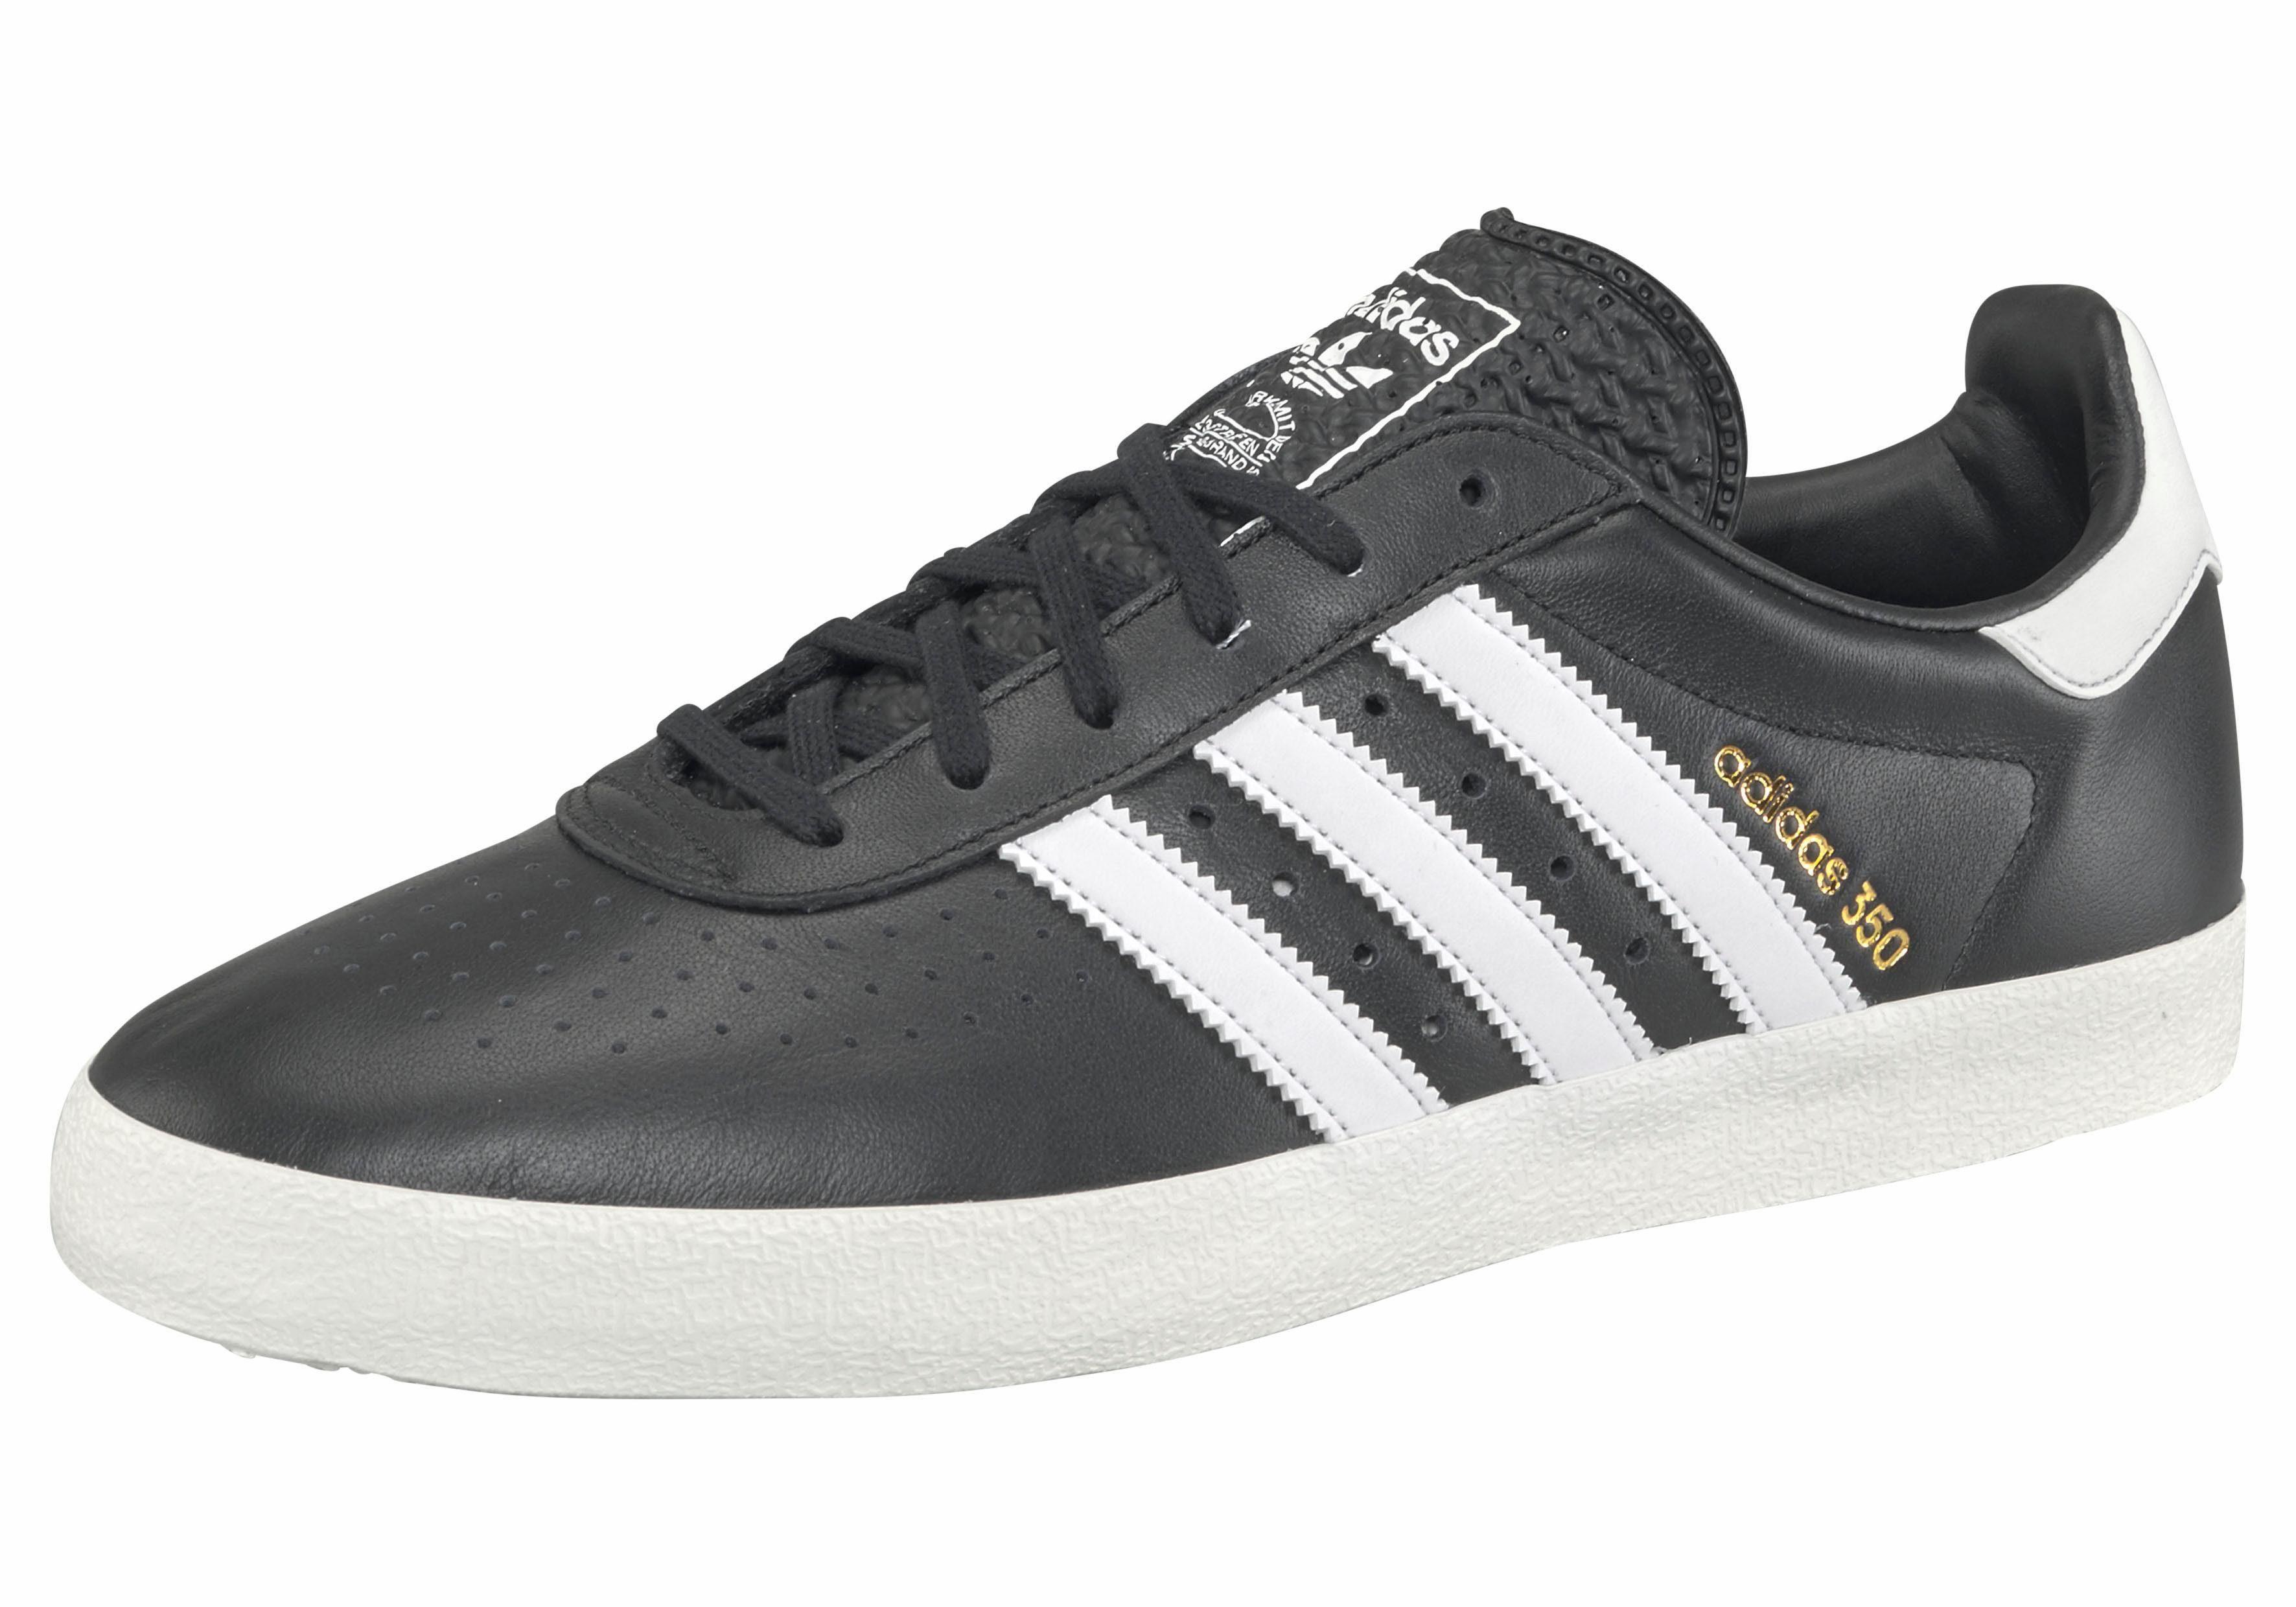 Noir Adidas Originals Chaussures Taille 46 Pour Les Femmes fJtx7mUk8